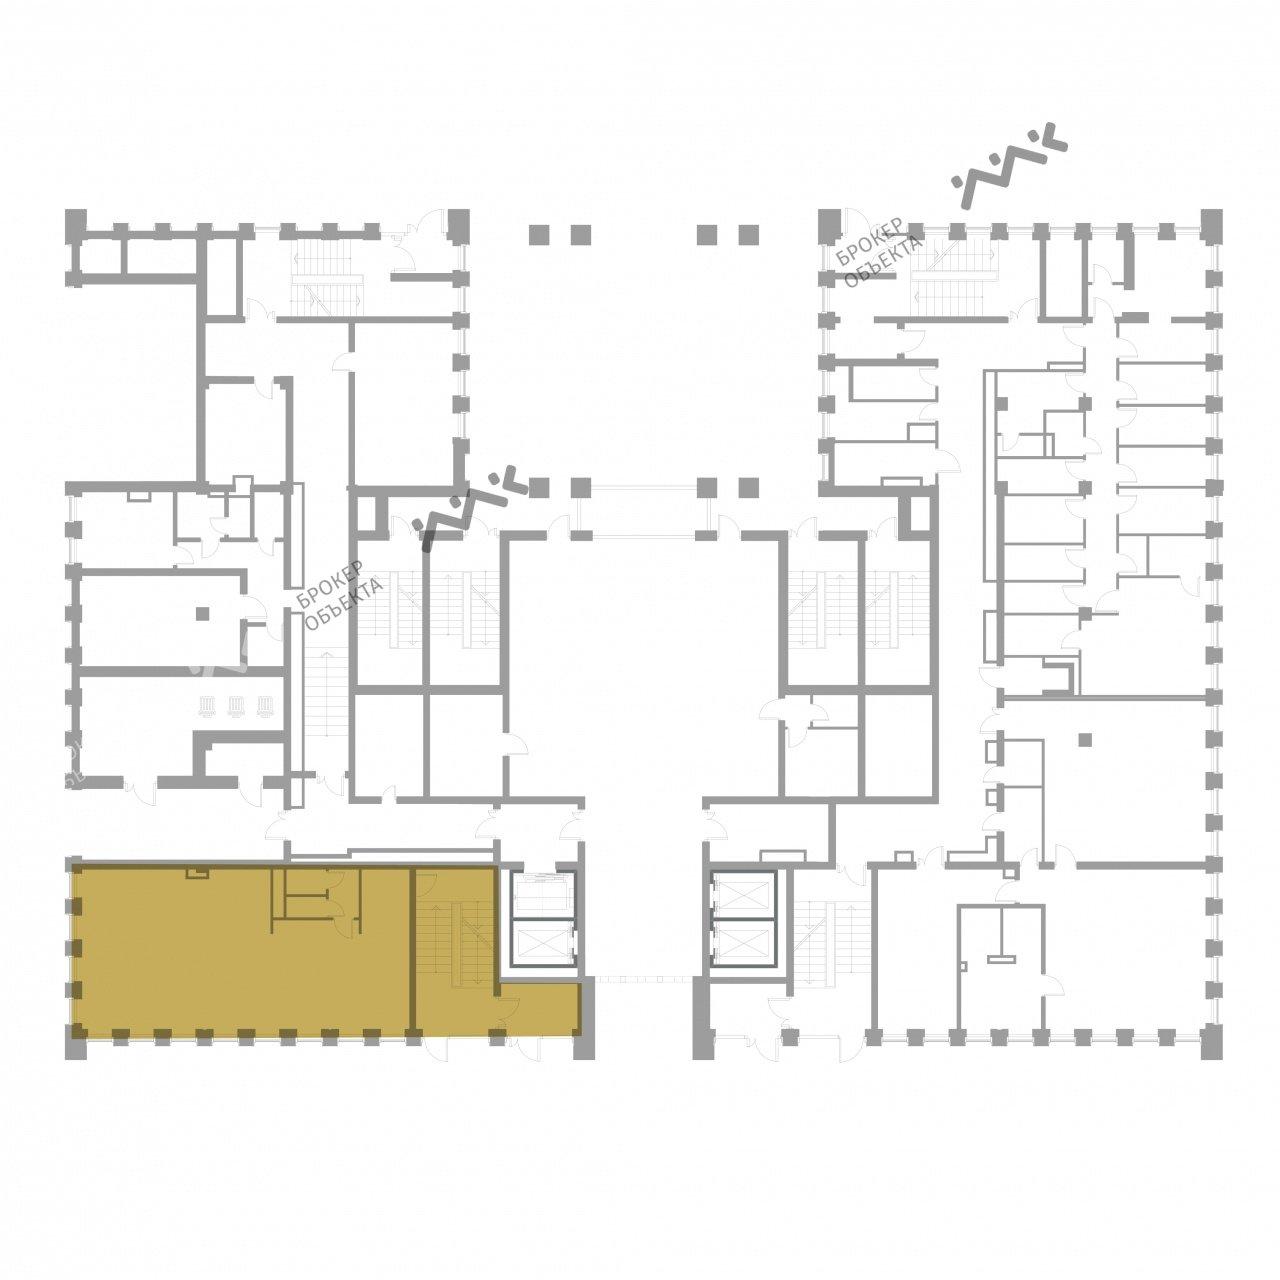 Планировка Институтский проспект, д.16, к.1, лит.А. Лот № 13671054